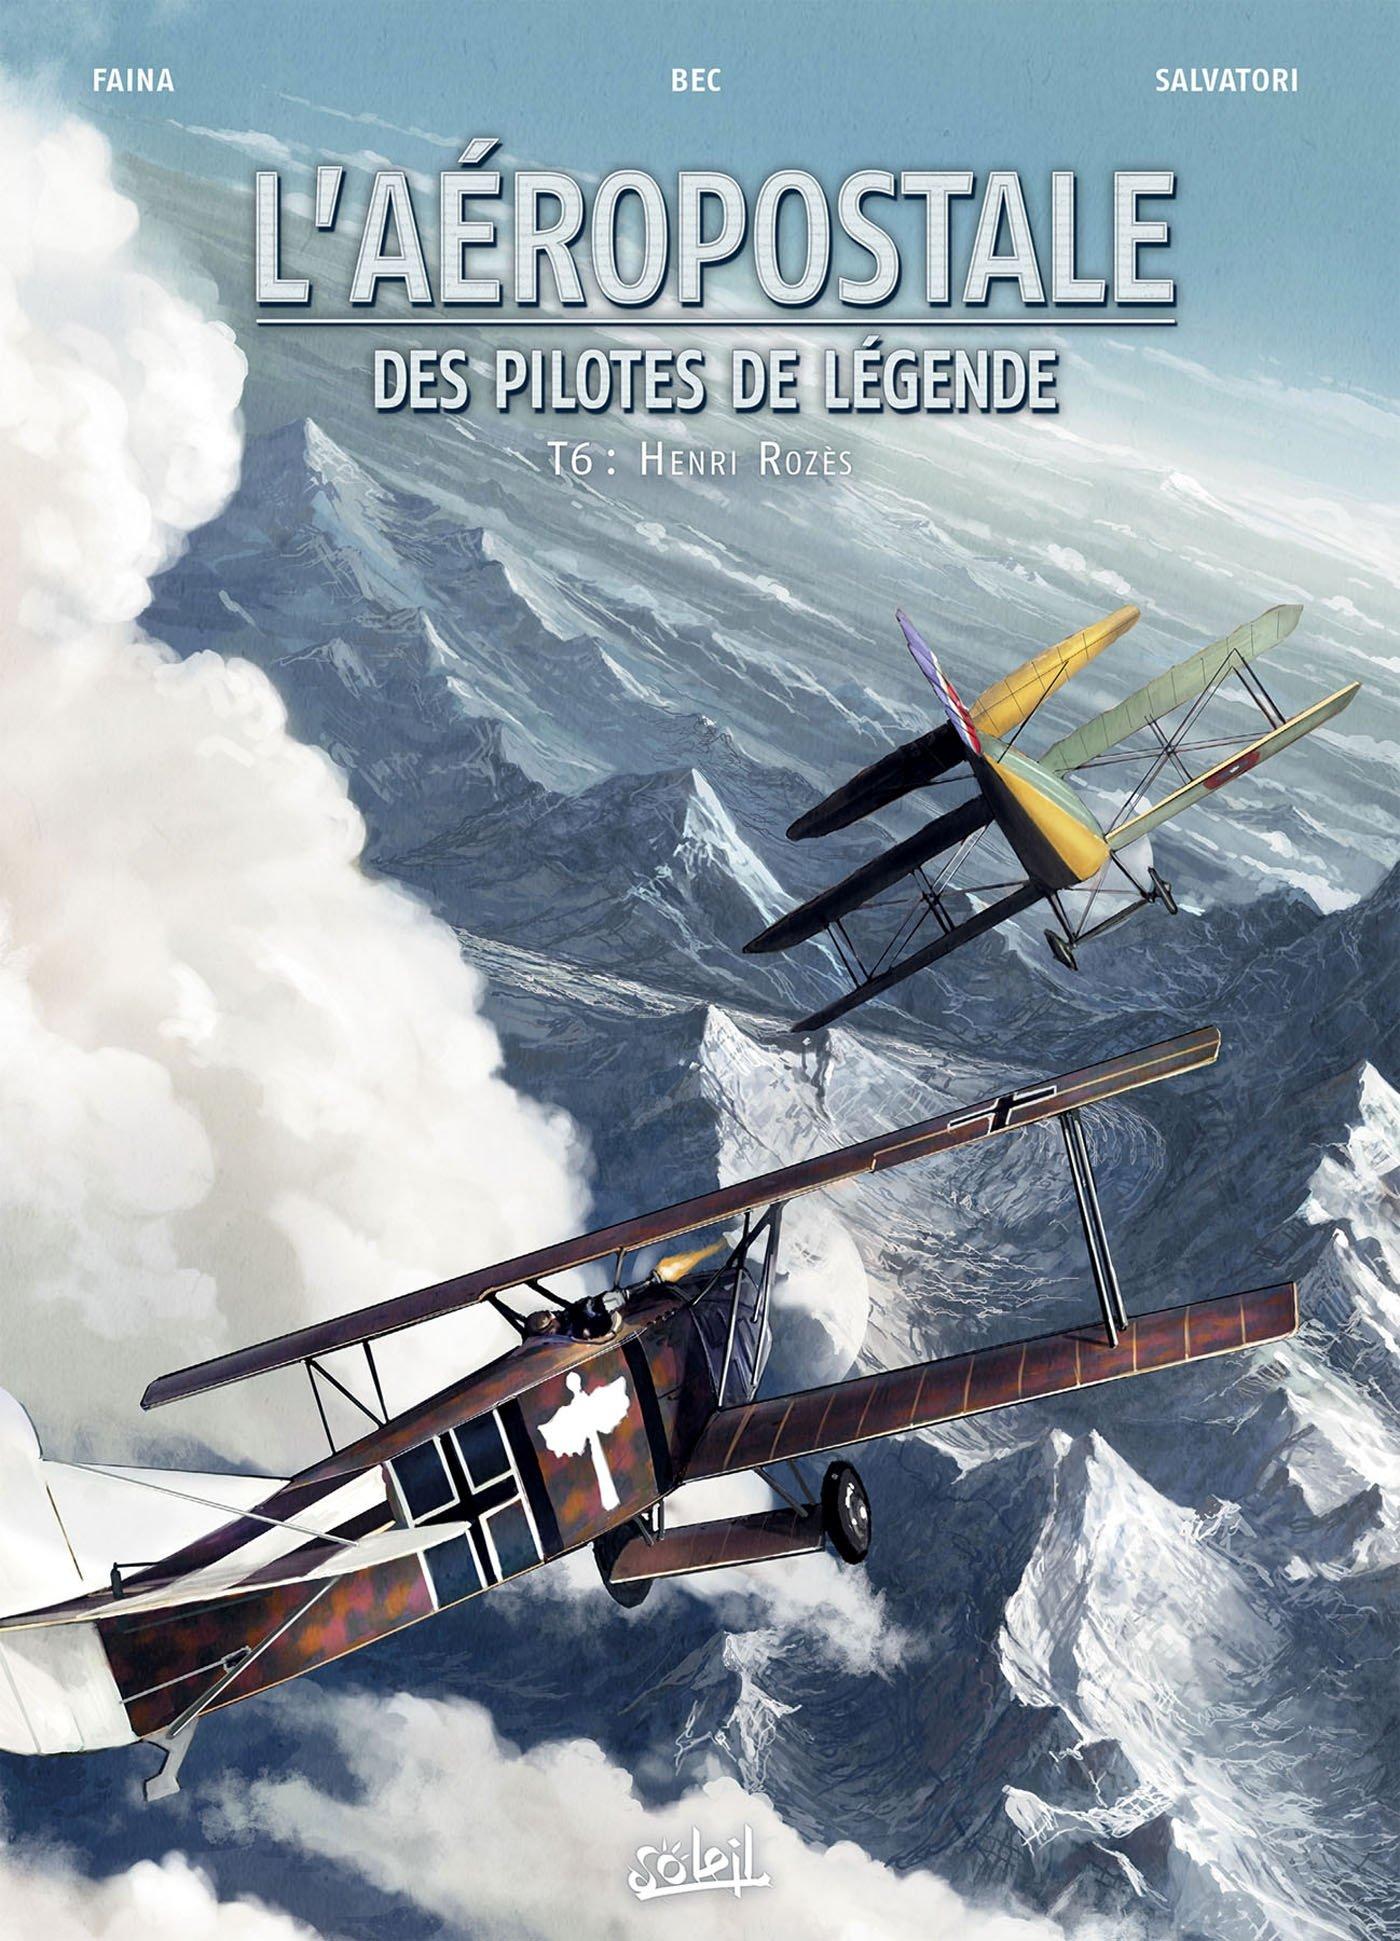 L'aéropostale - Des pilotes de légende 6 - Henri Rozès